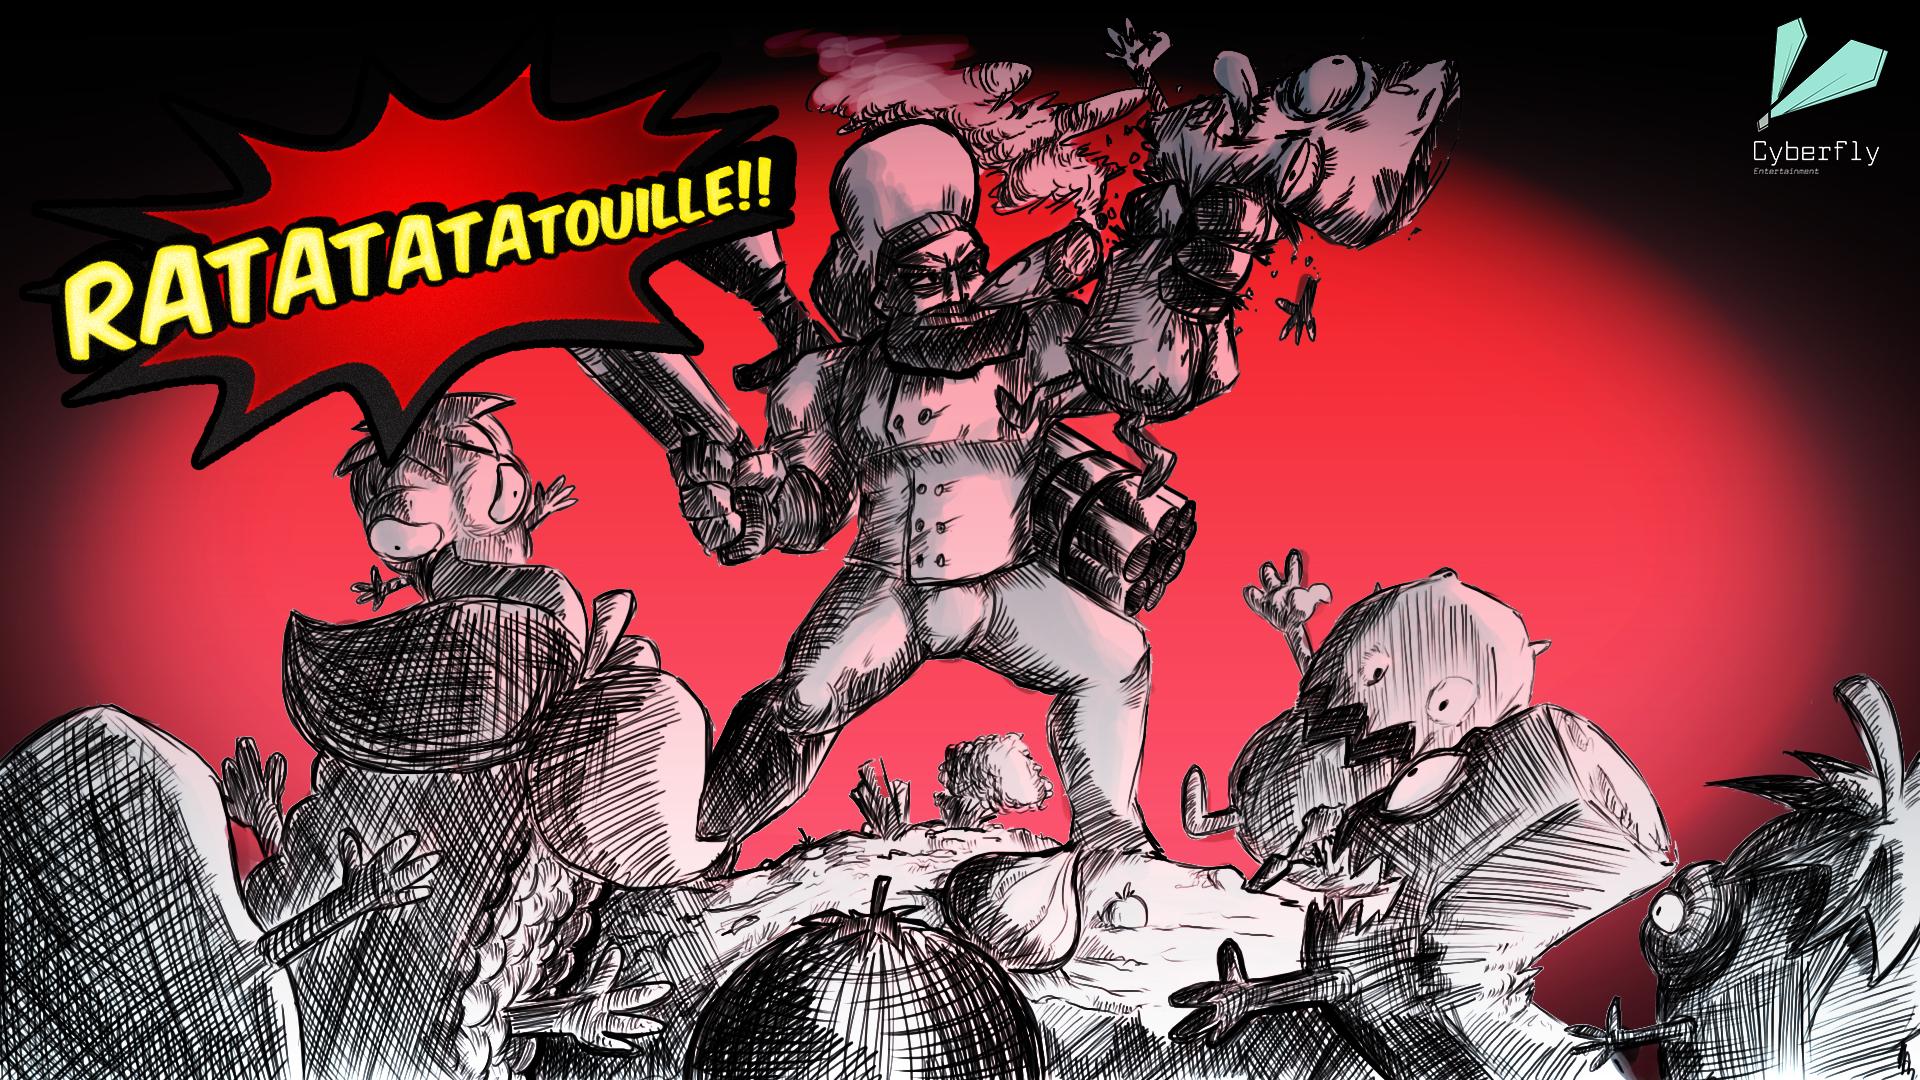 Ratatatatouille